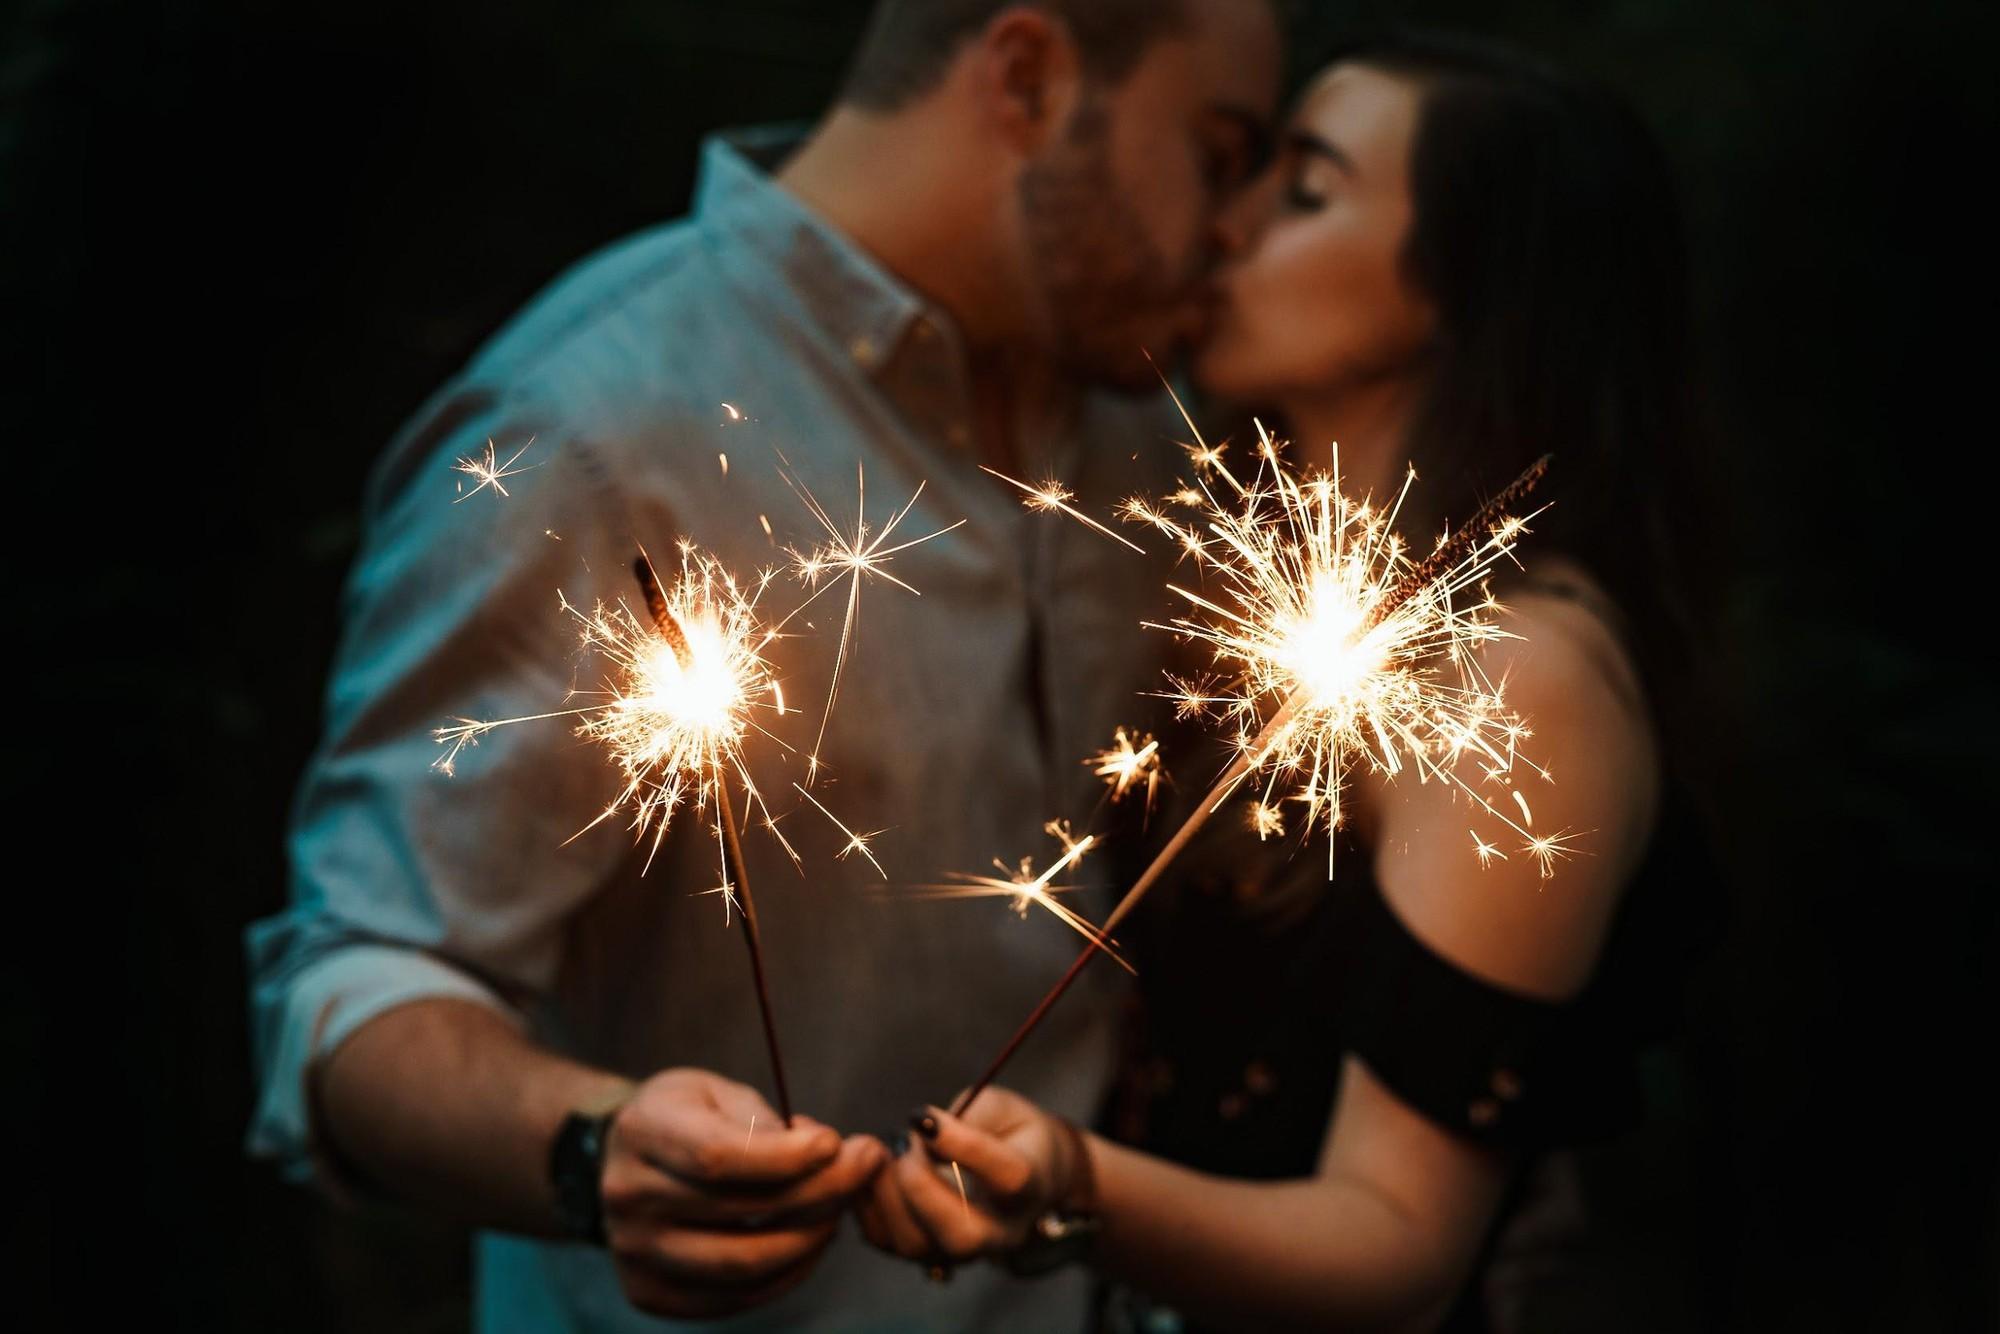 Nhiều món quà hấp dẫn dành tặng cho các cặp đôi khi tham dự Viet Nam Wedding Festival 2019 - Ảnh 2.